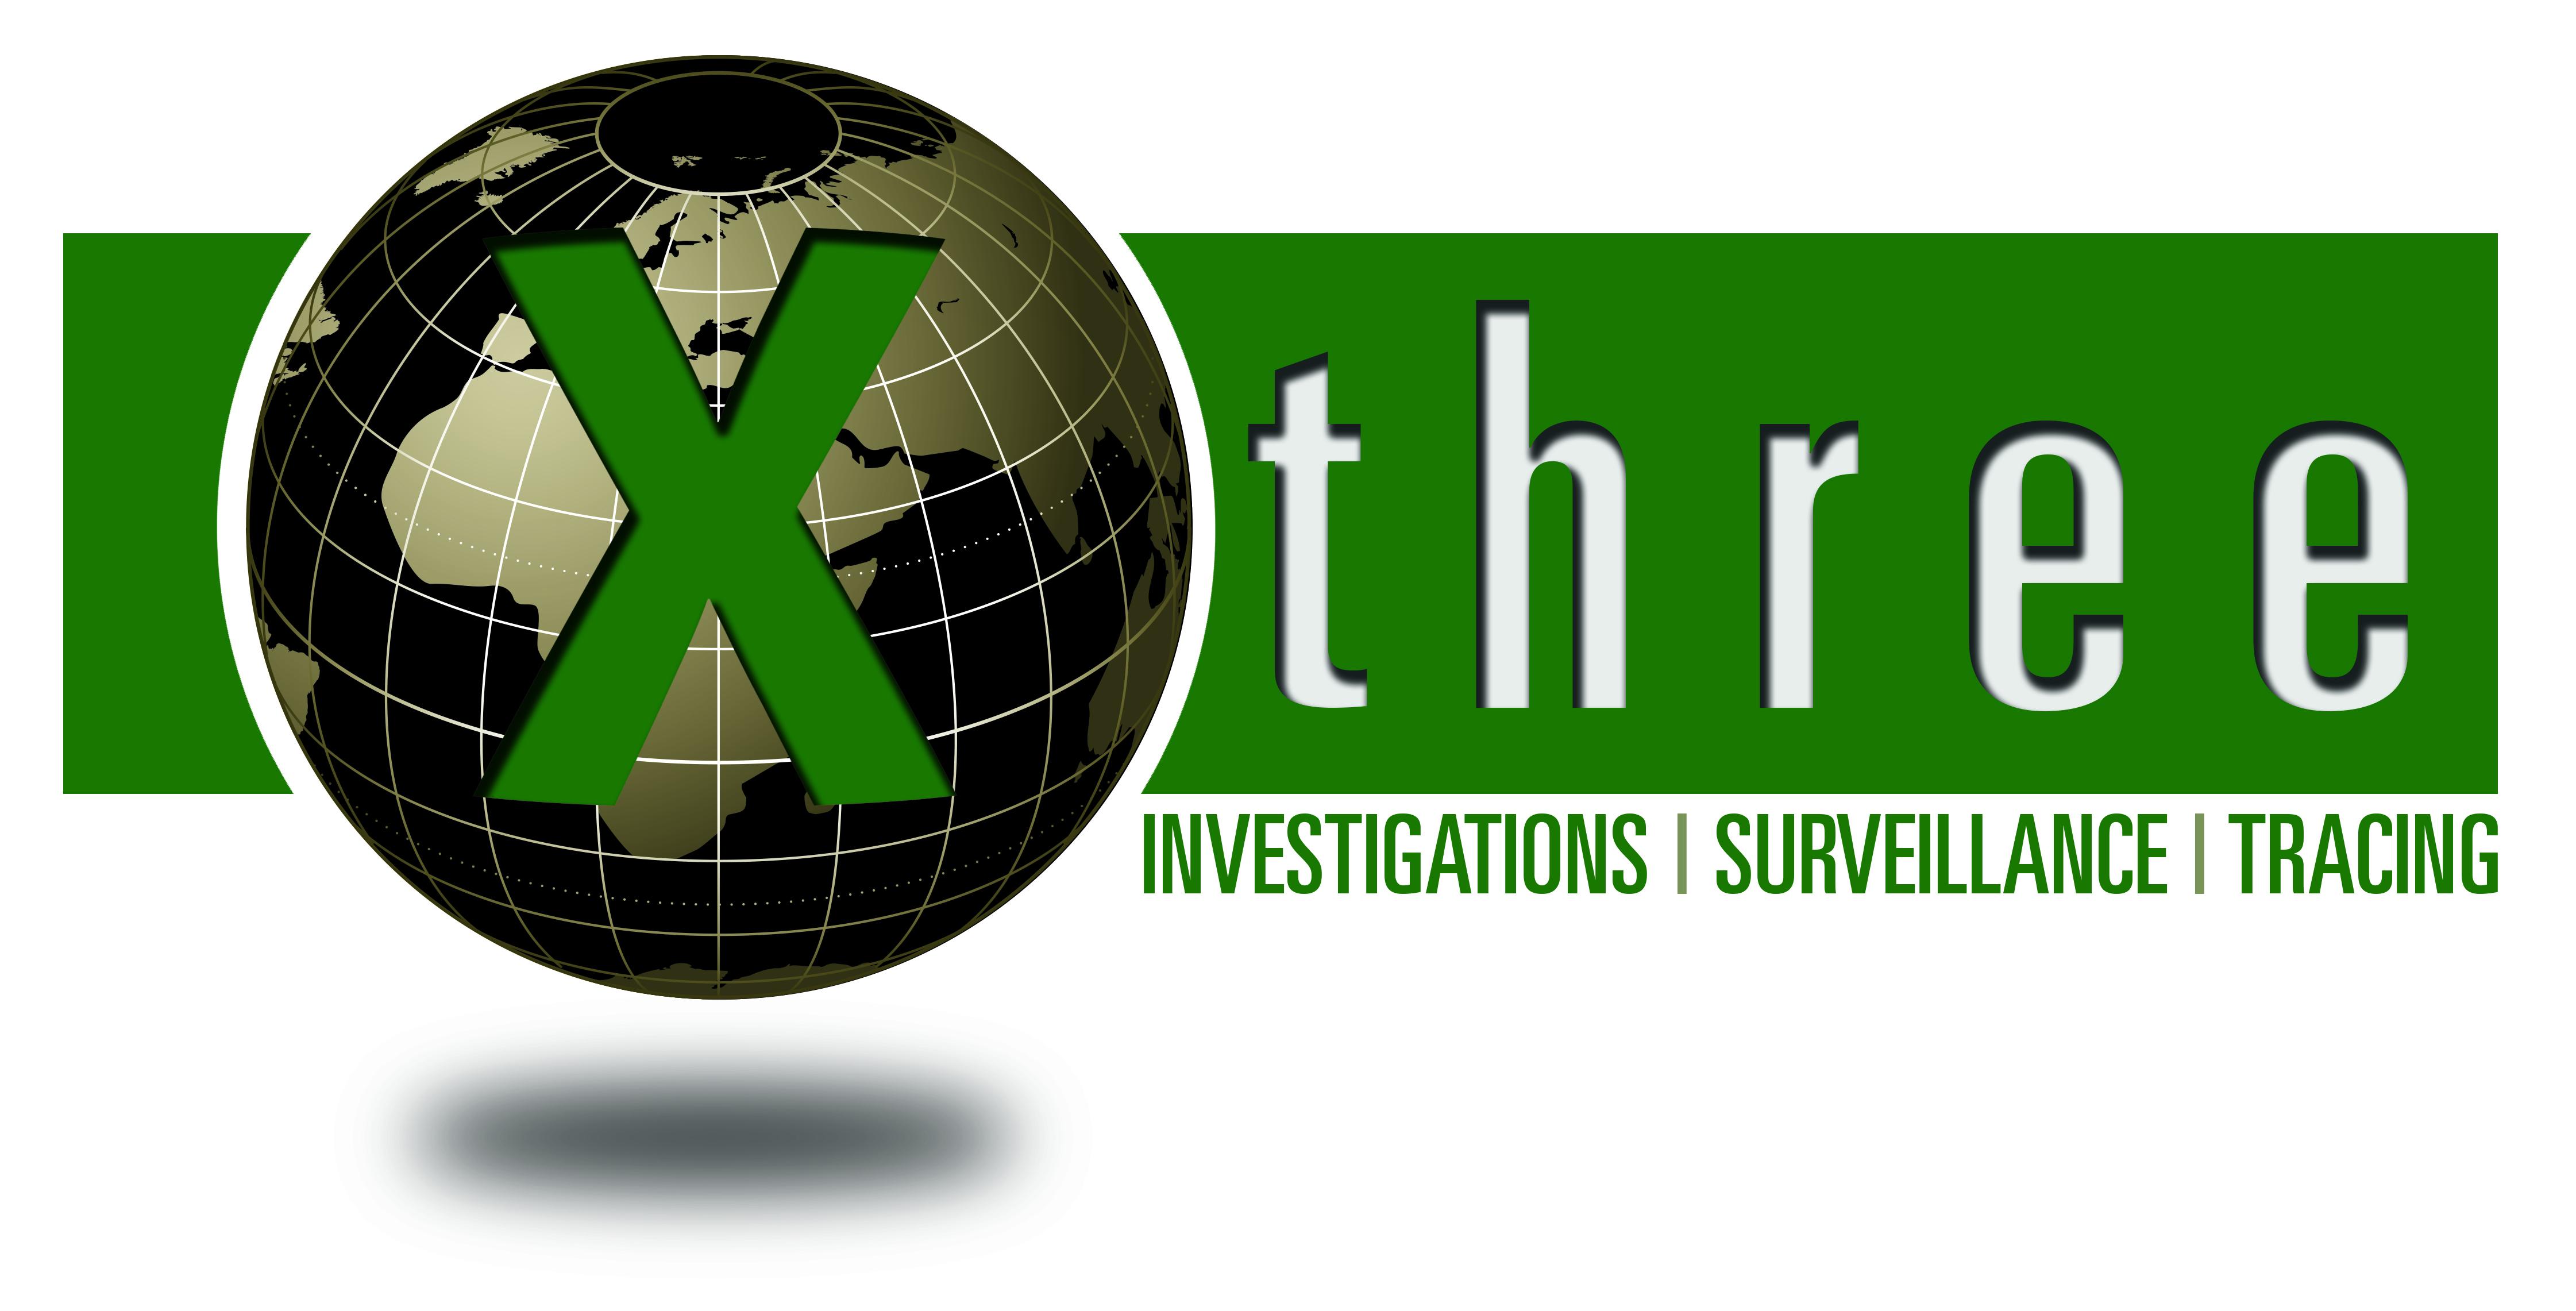 Private Investigator Services in Manchester